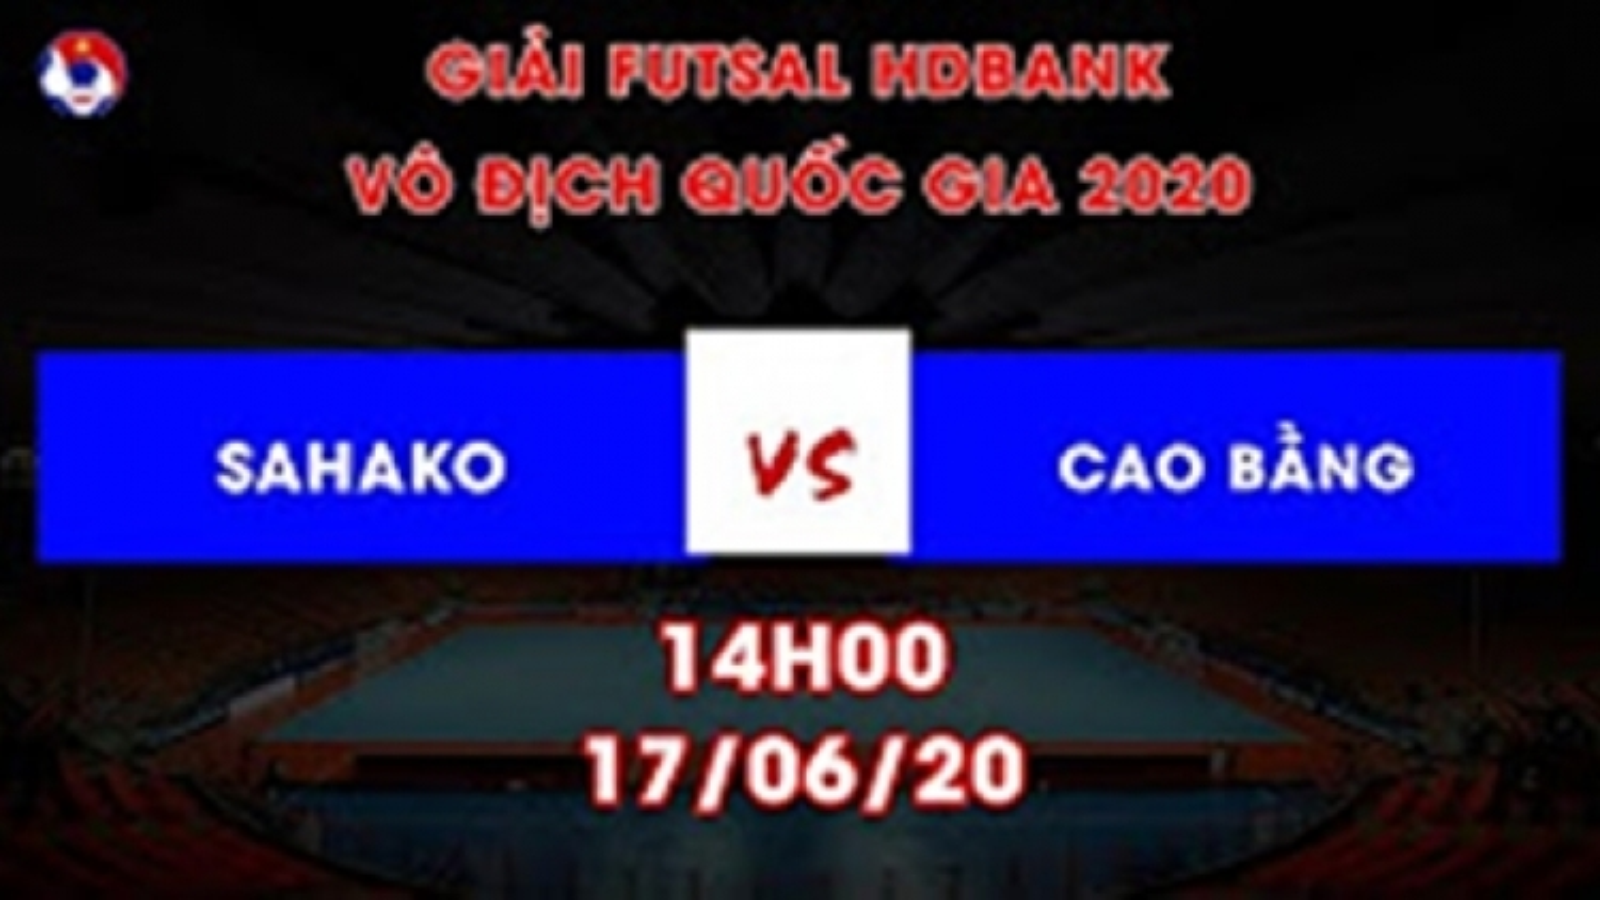 Xem trực tiếp Sahako vs Cao Bằng Giải Futsal HDBank VĐQG 2020